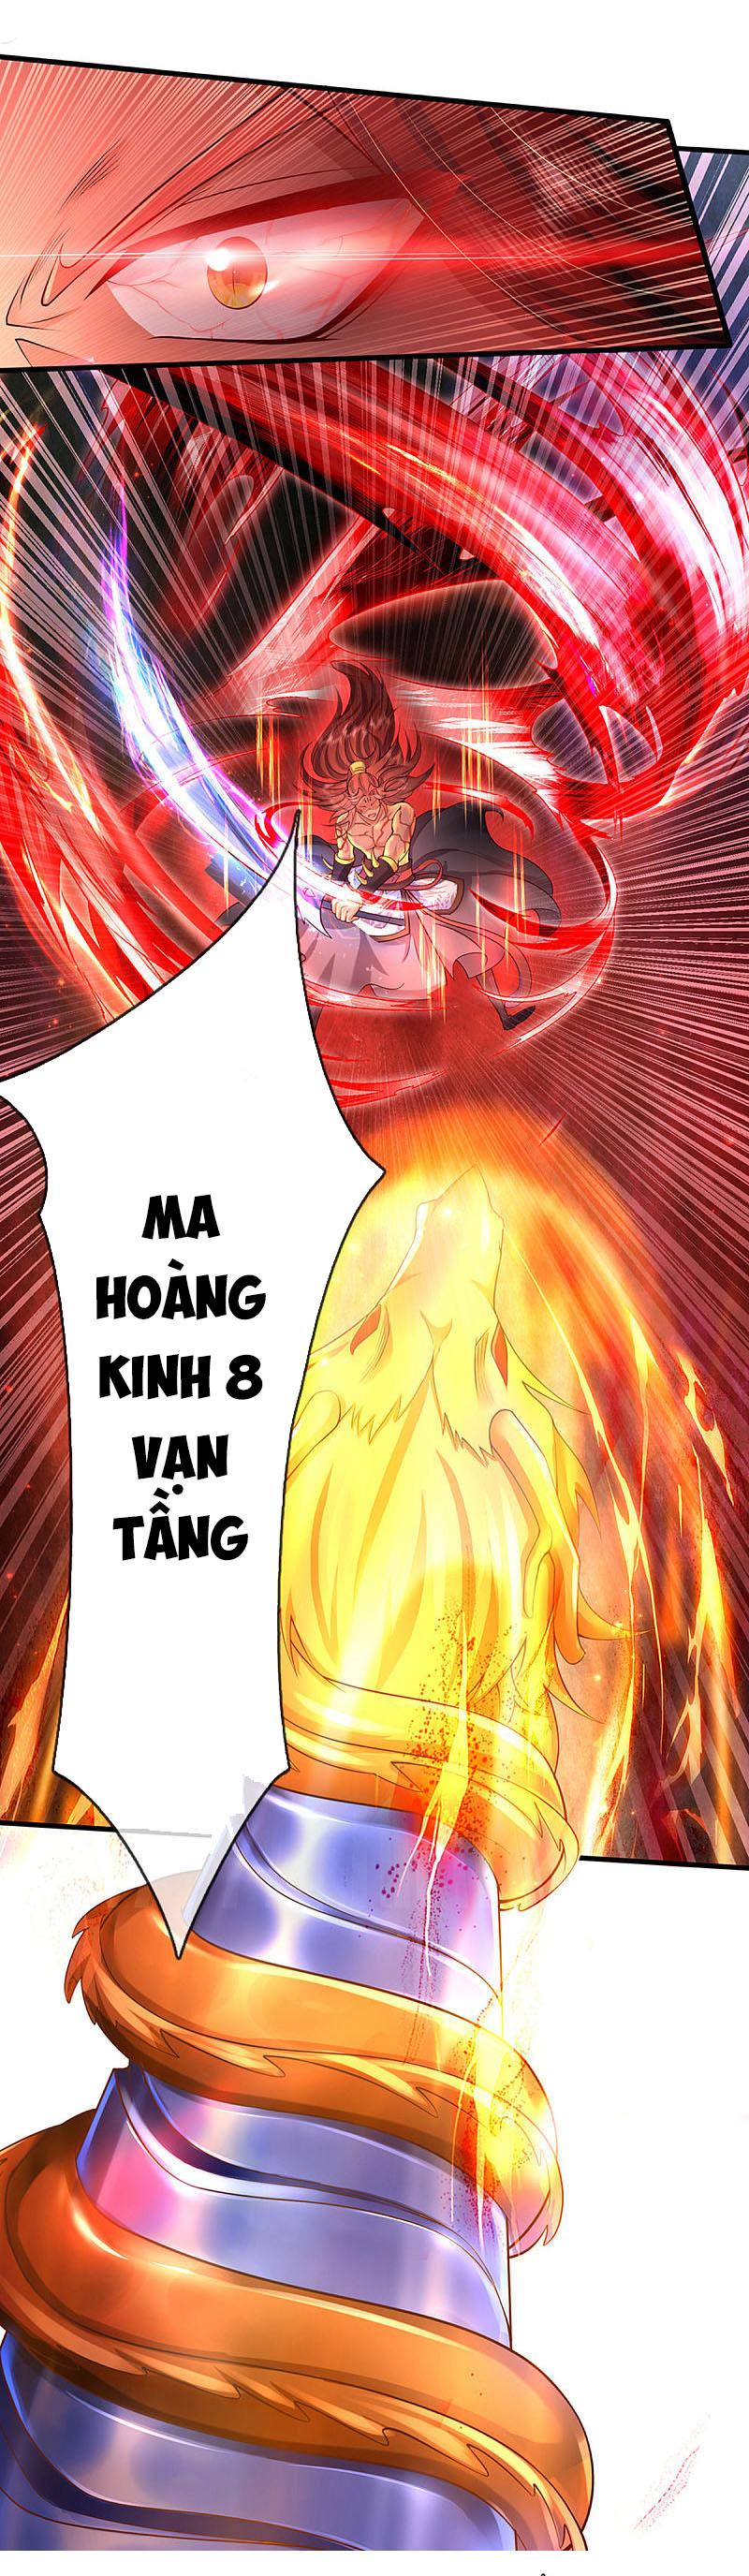 Đại Ma Hoàng Thường Ngày Phiền Não Chương 43 - Truyentranhaudio.online